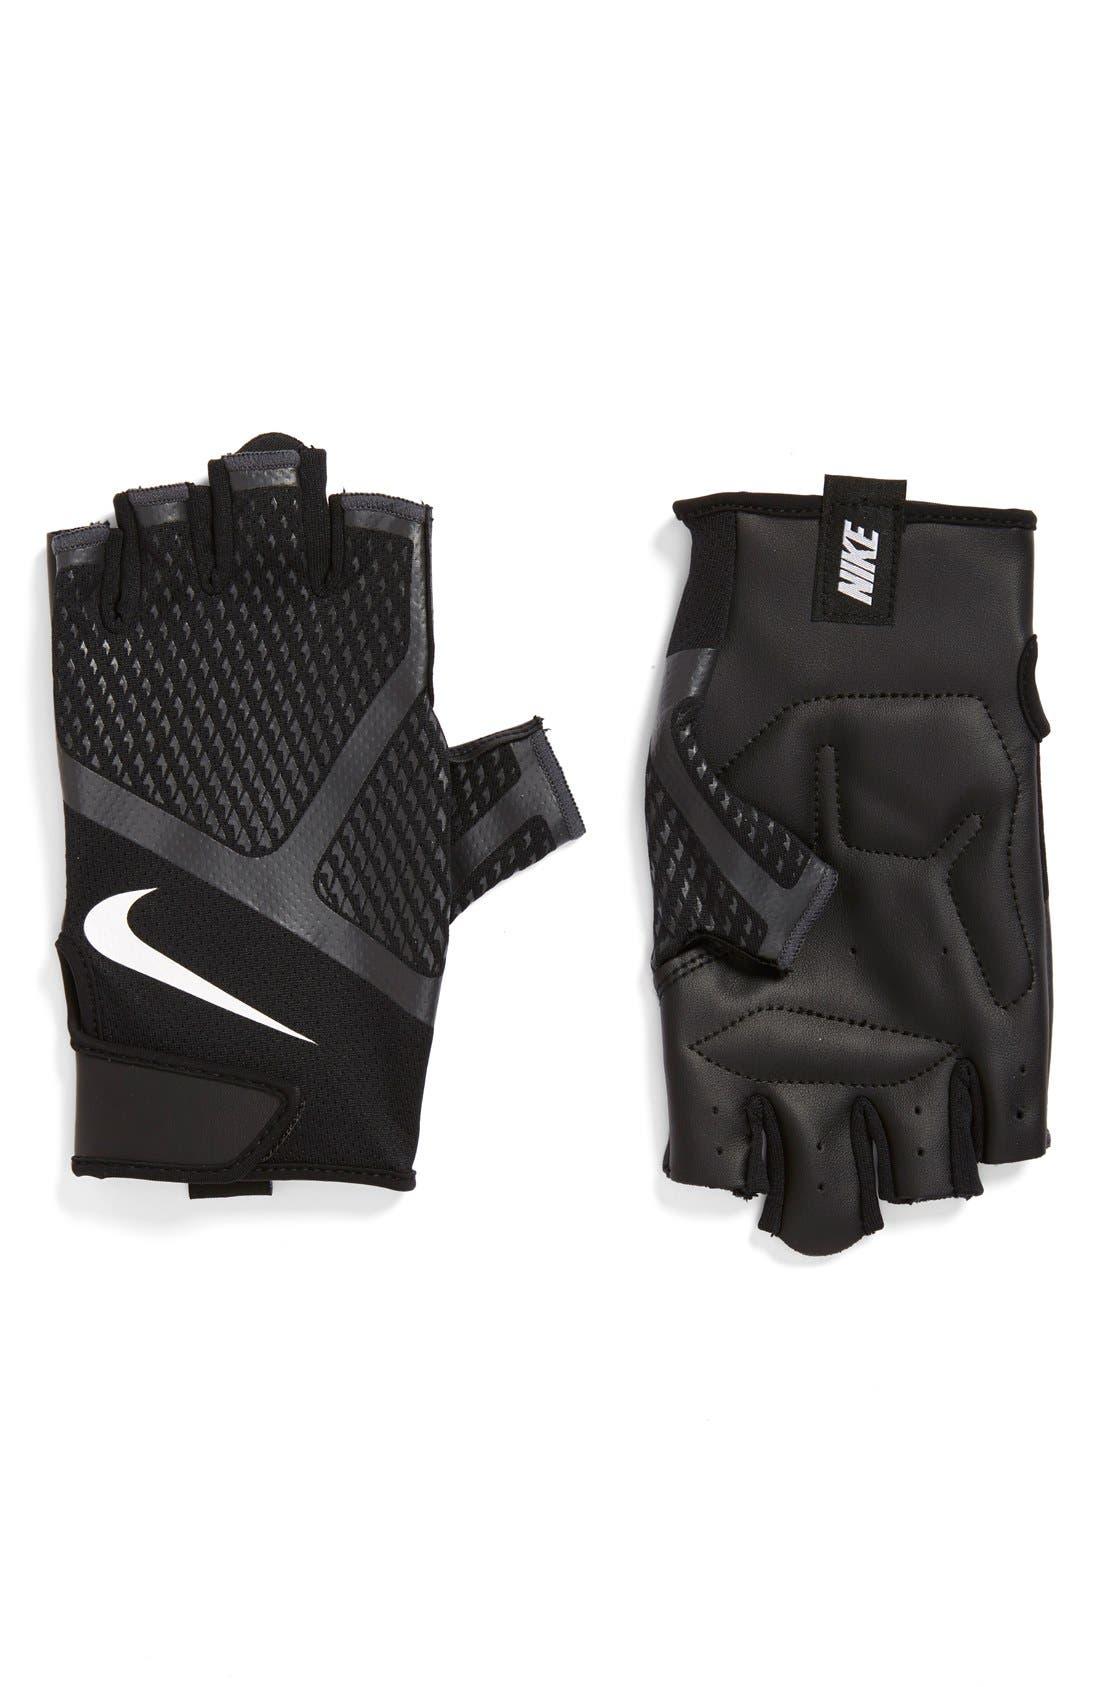 'Renegade' Fingerless Padded Training Gloves,                             Main thumbnail 1, color,                             Black/ White